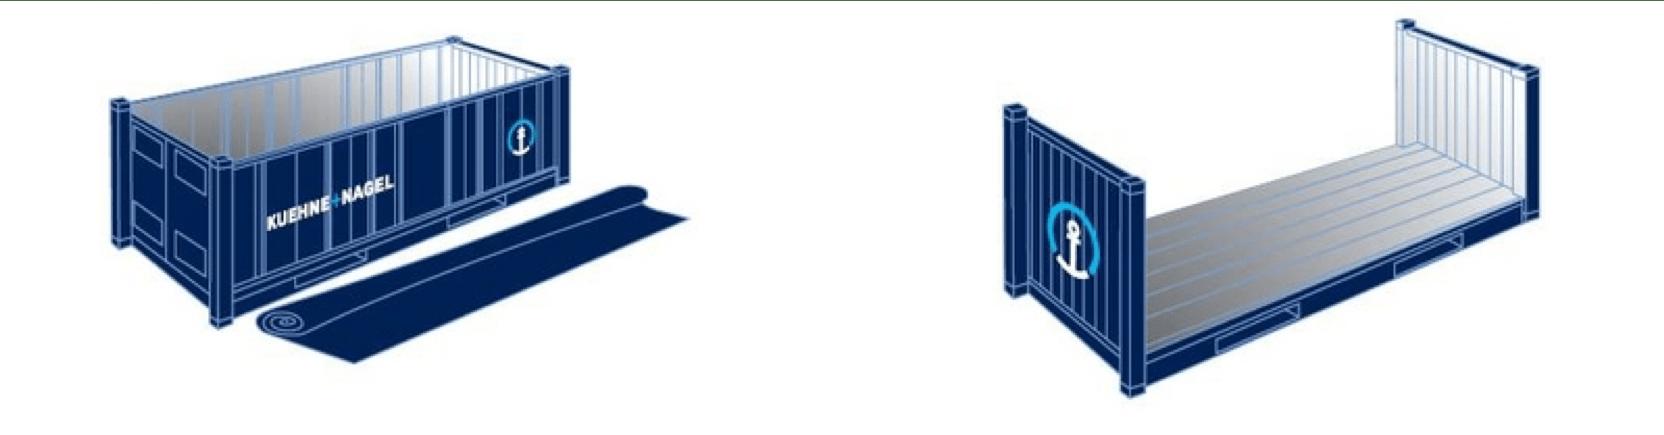 flat rack vs open top